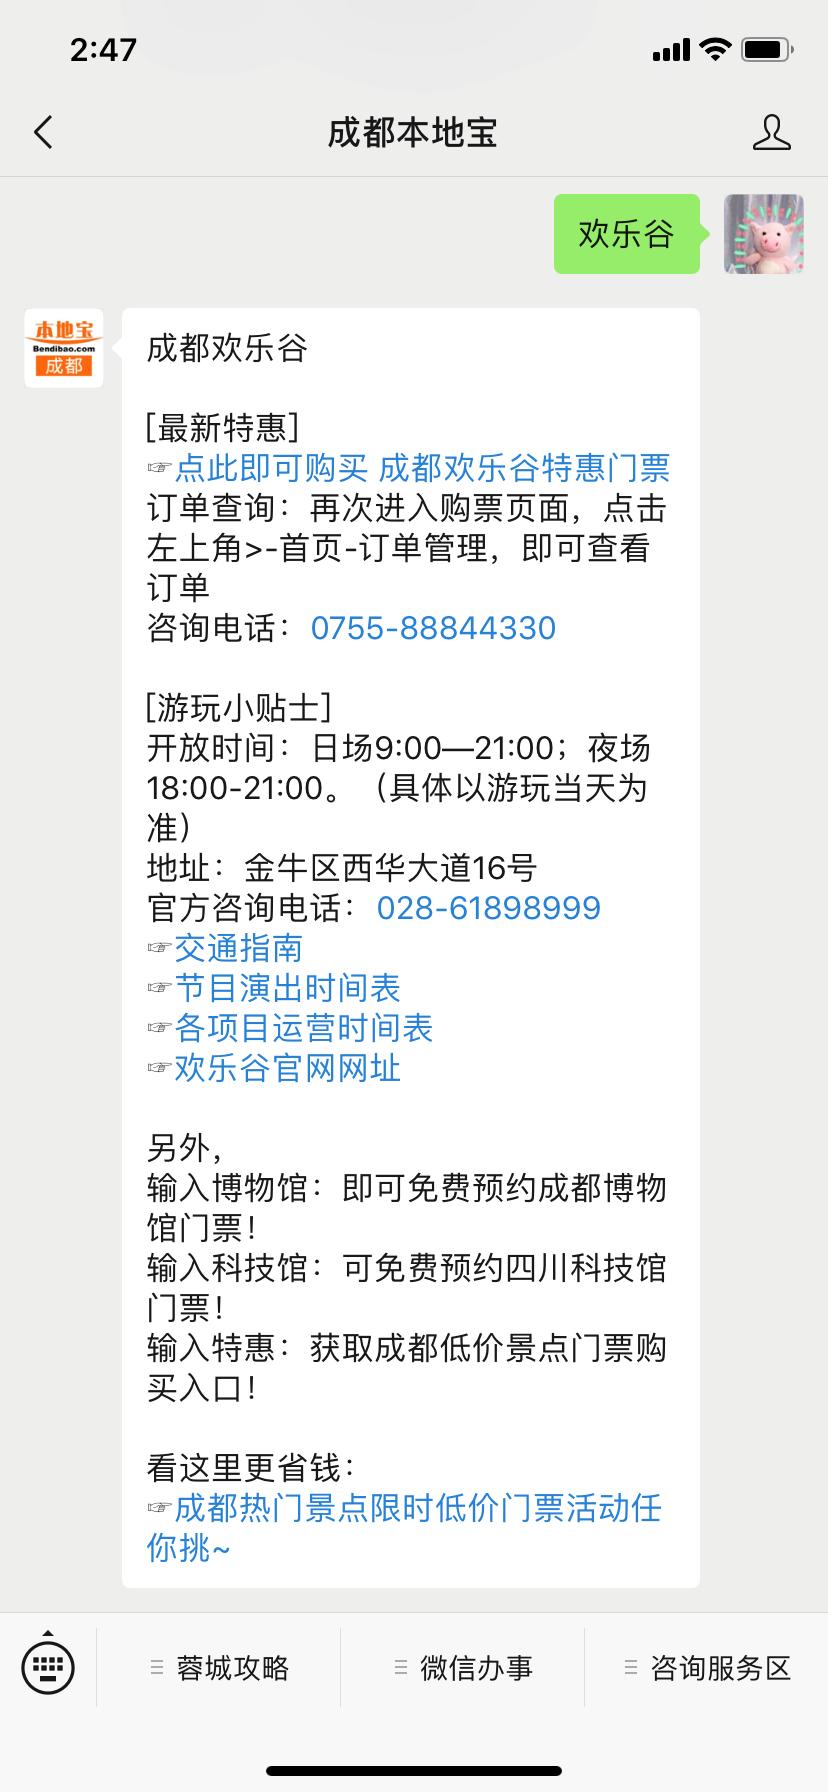 2019年成都欢乐谷夏季清凉卡详情介绍